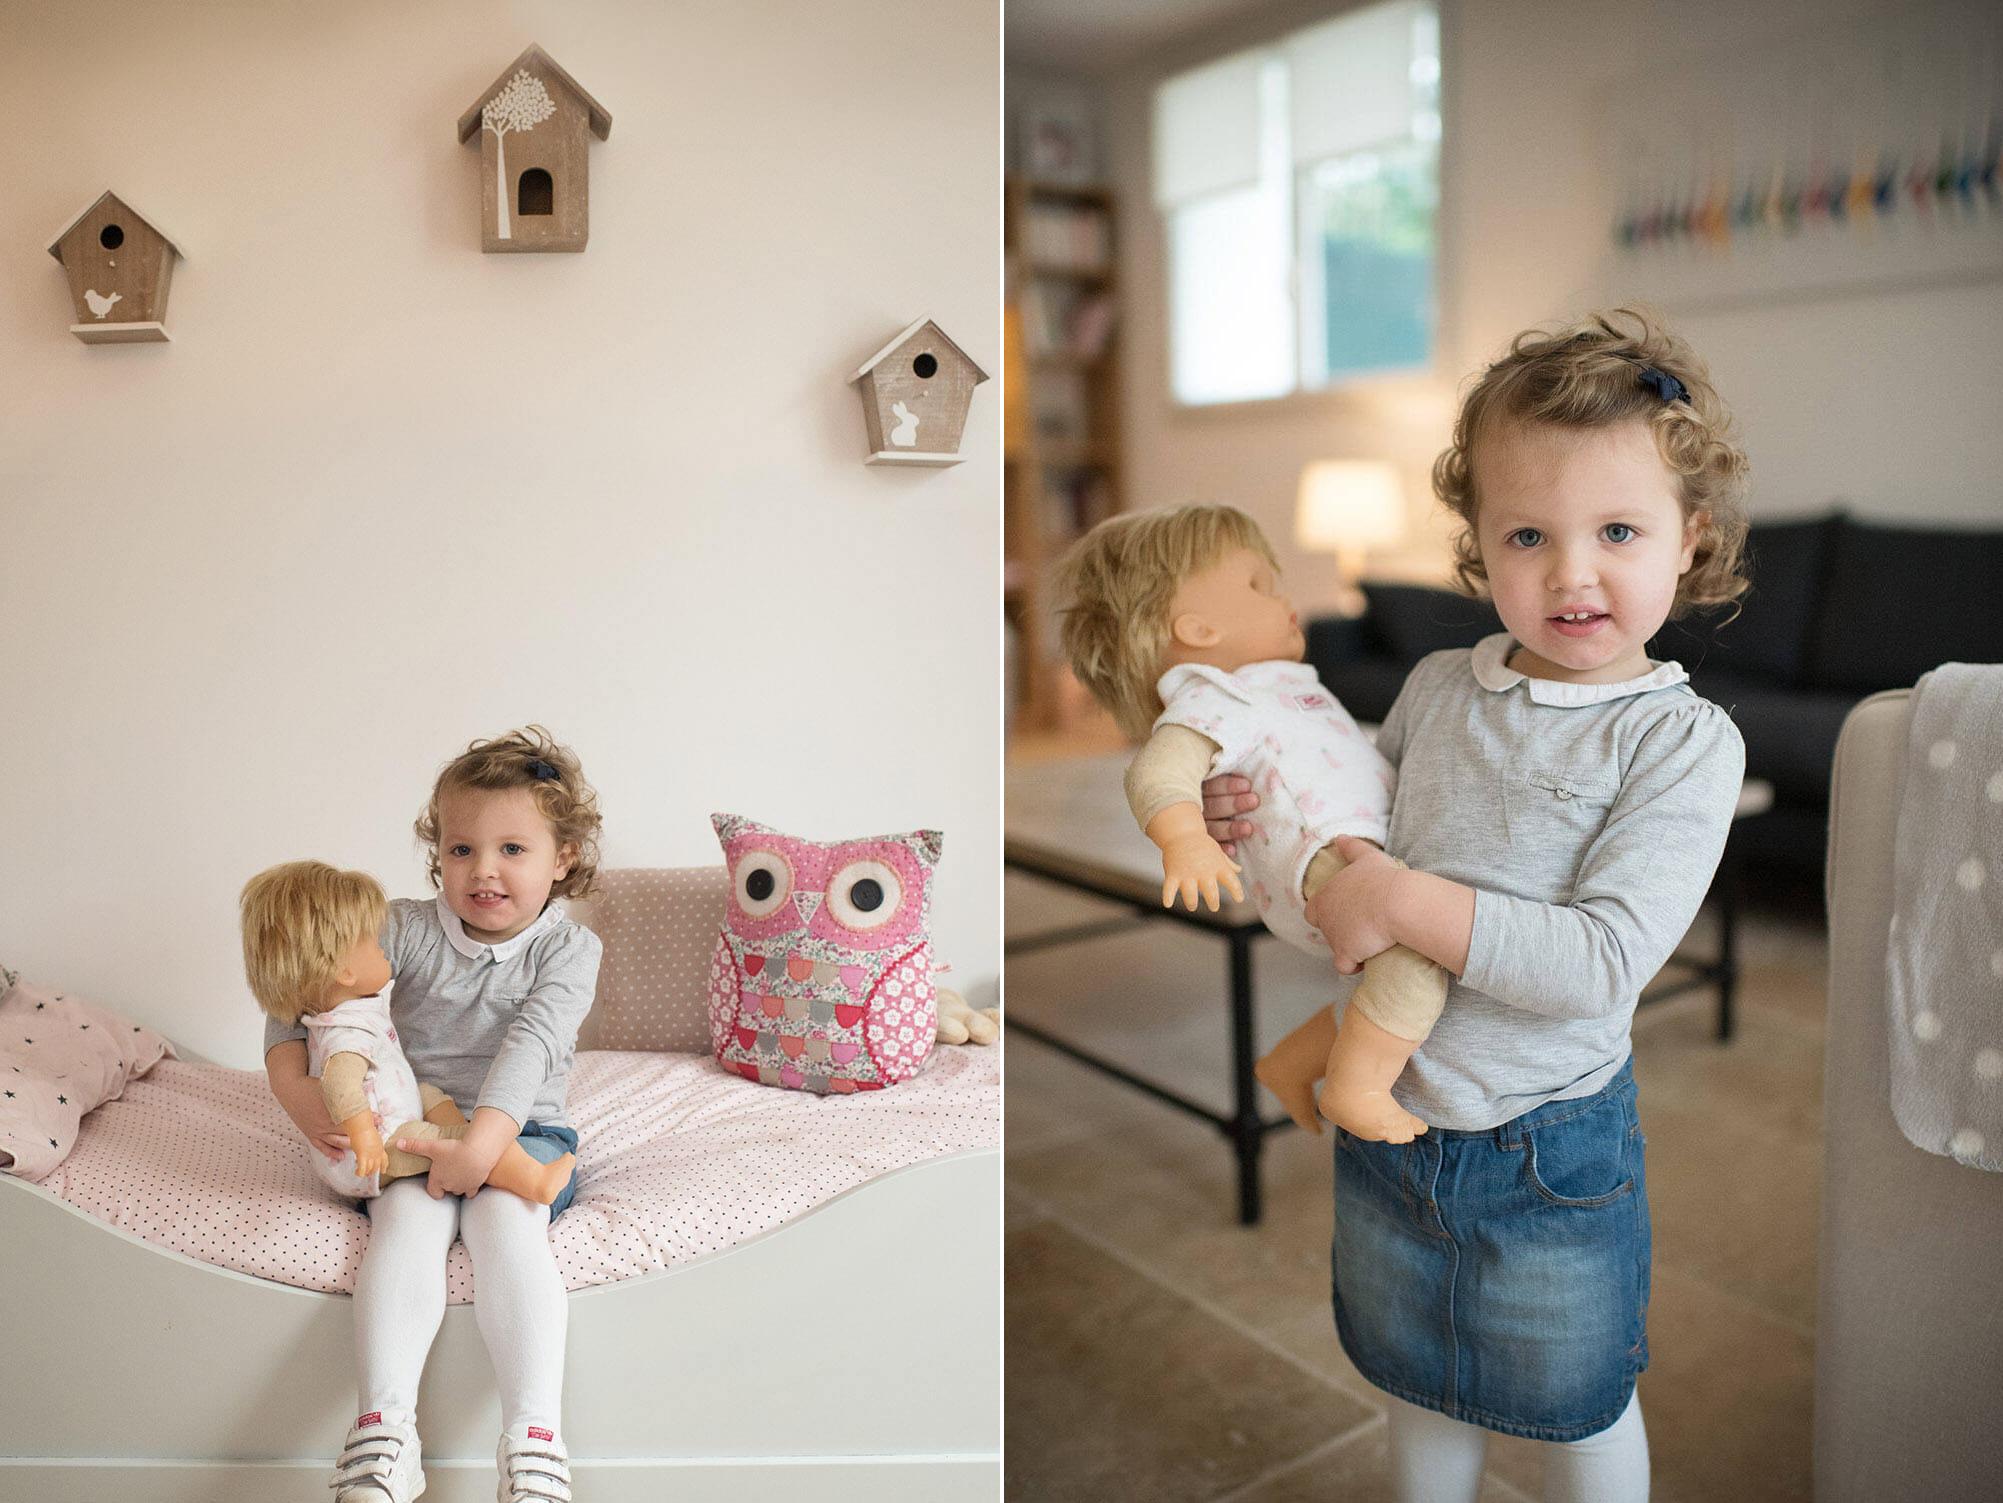 Photographe spécialisée portrait d'enfants.